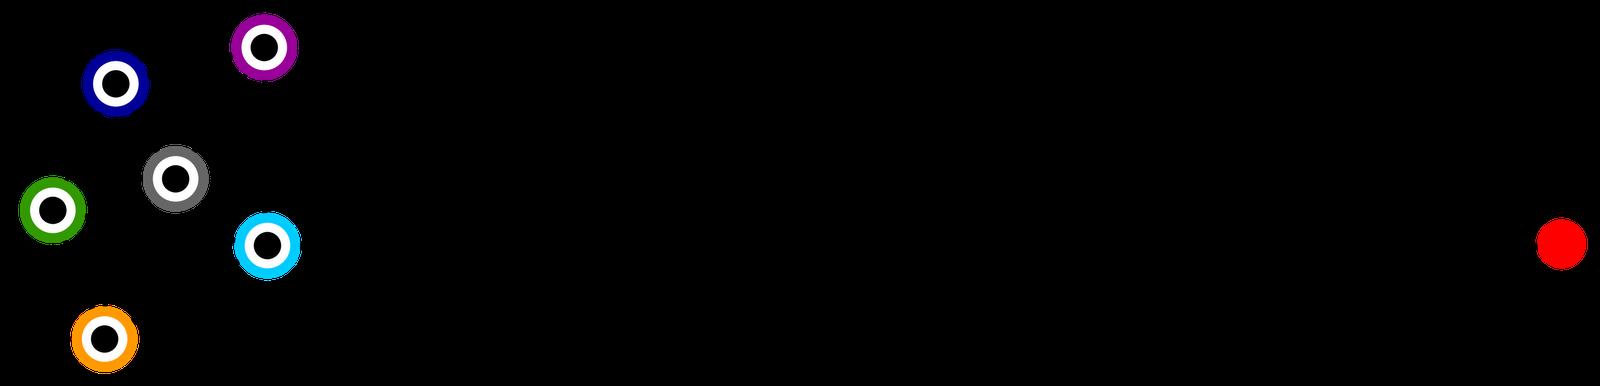 Hypernet